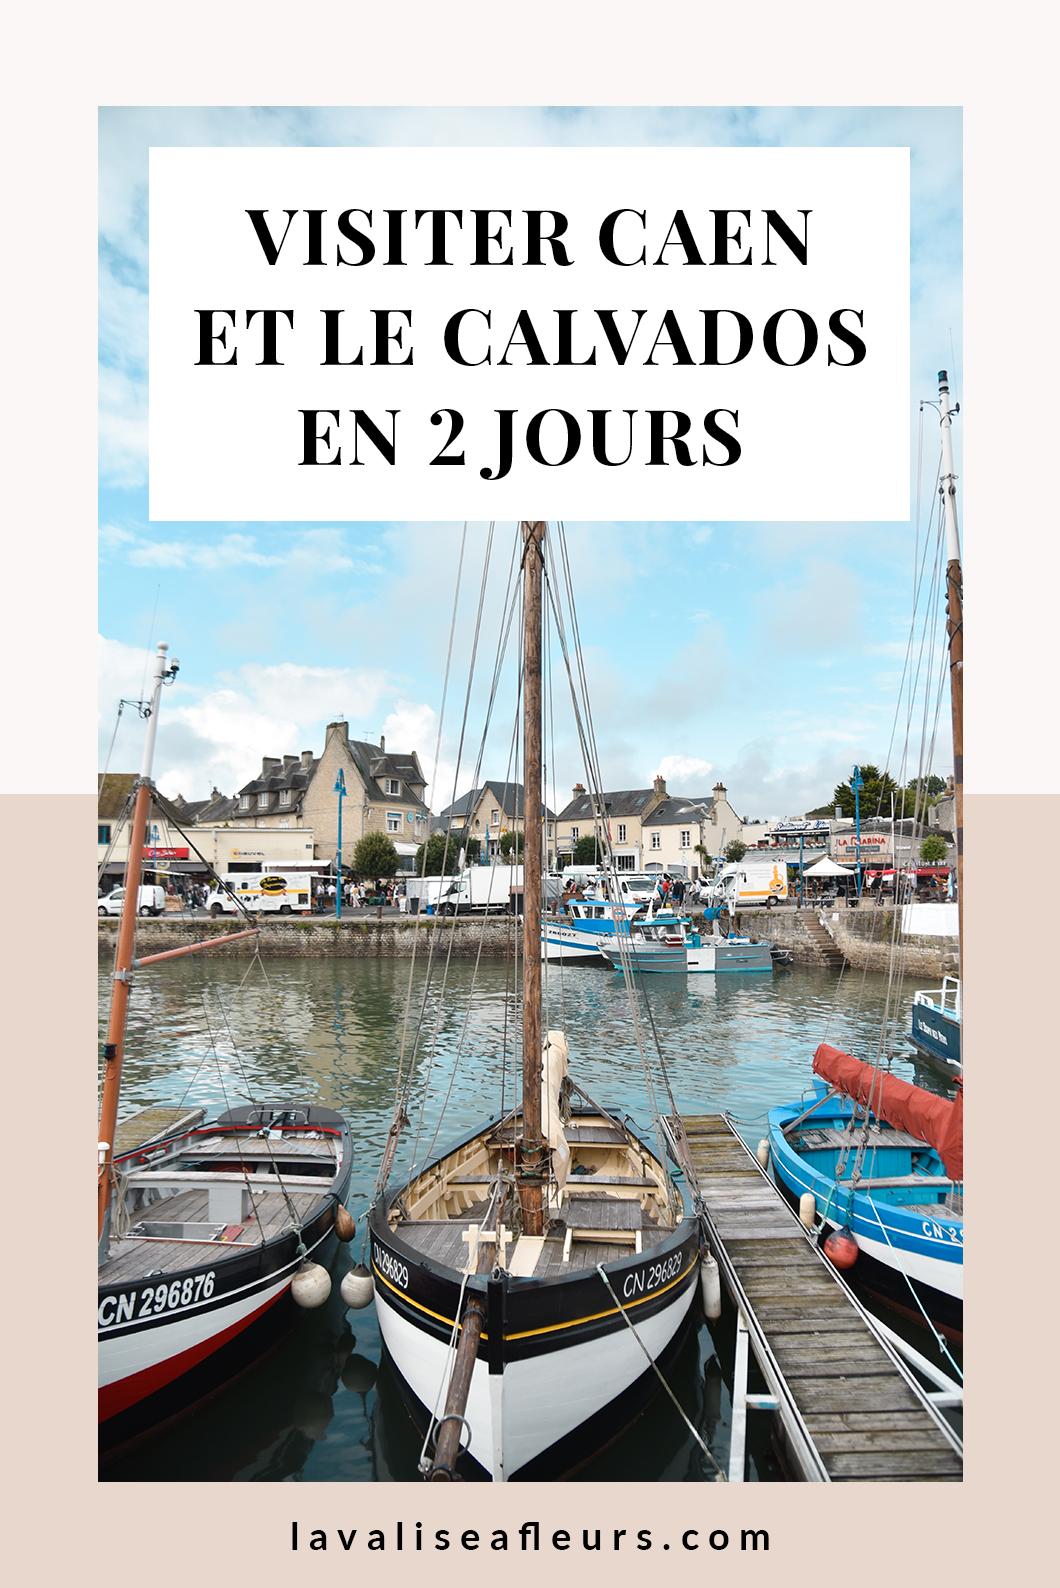 Visiter Caen et le Calvaldos en 2 jours